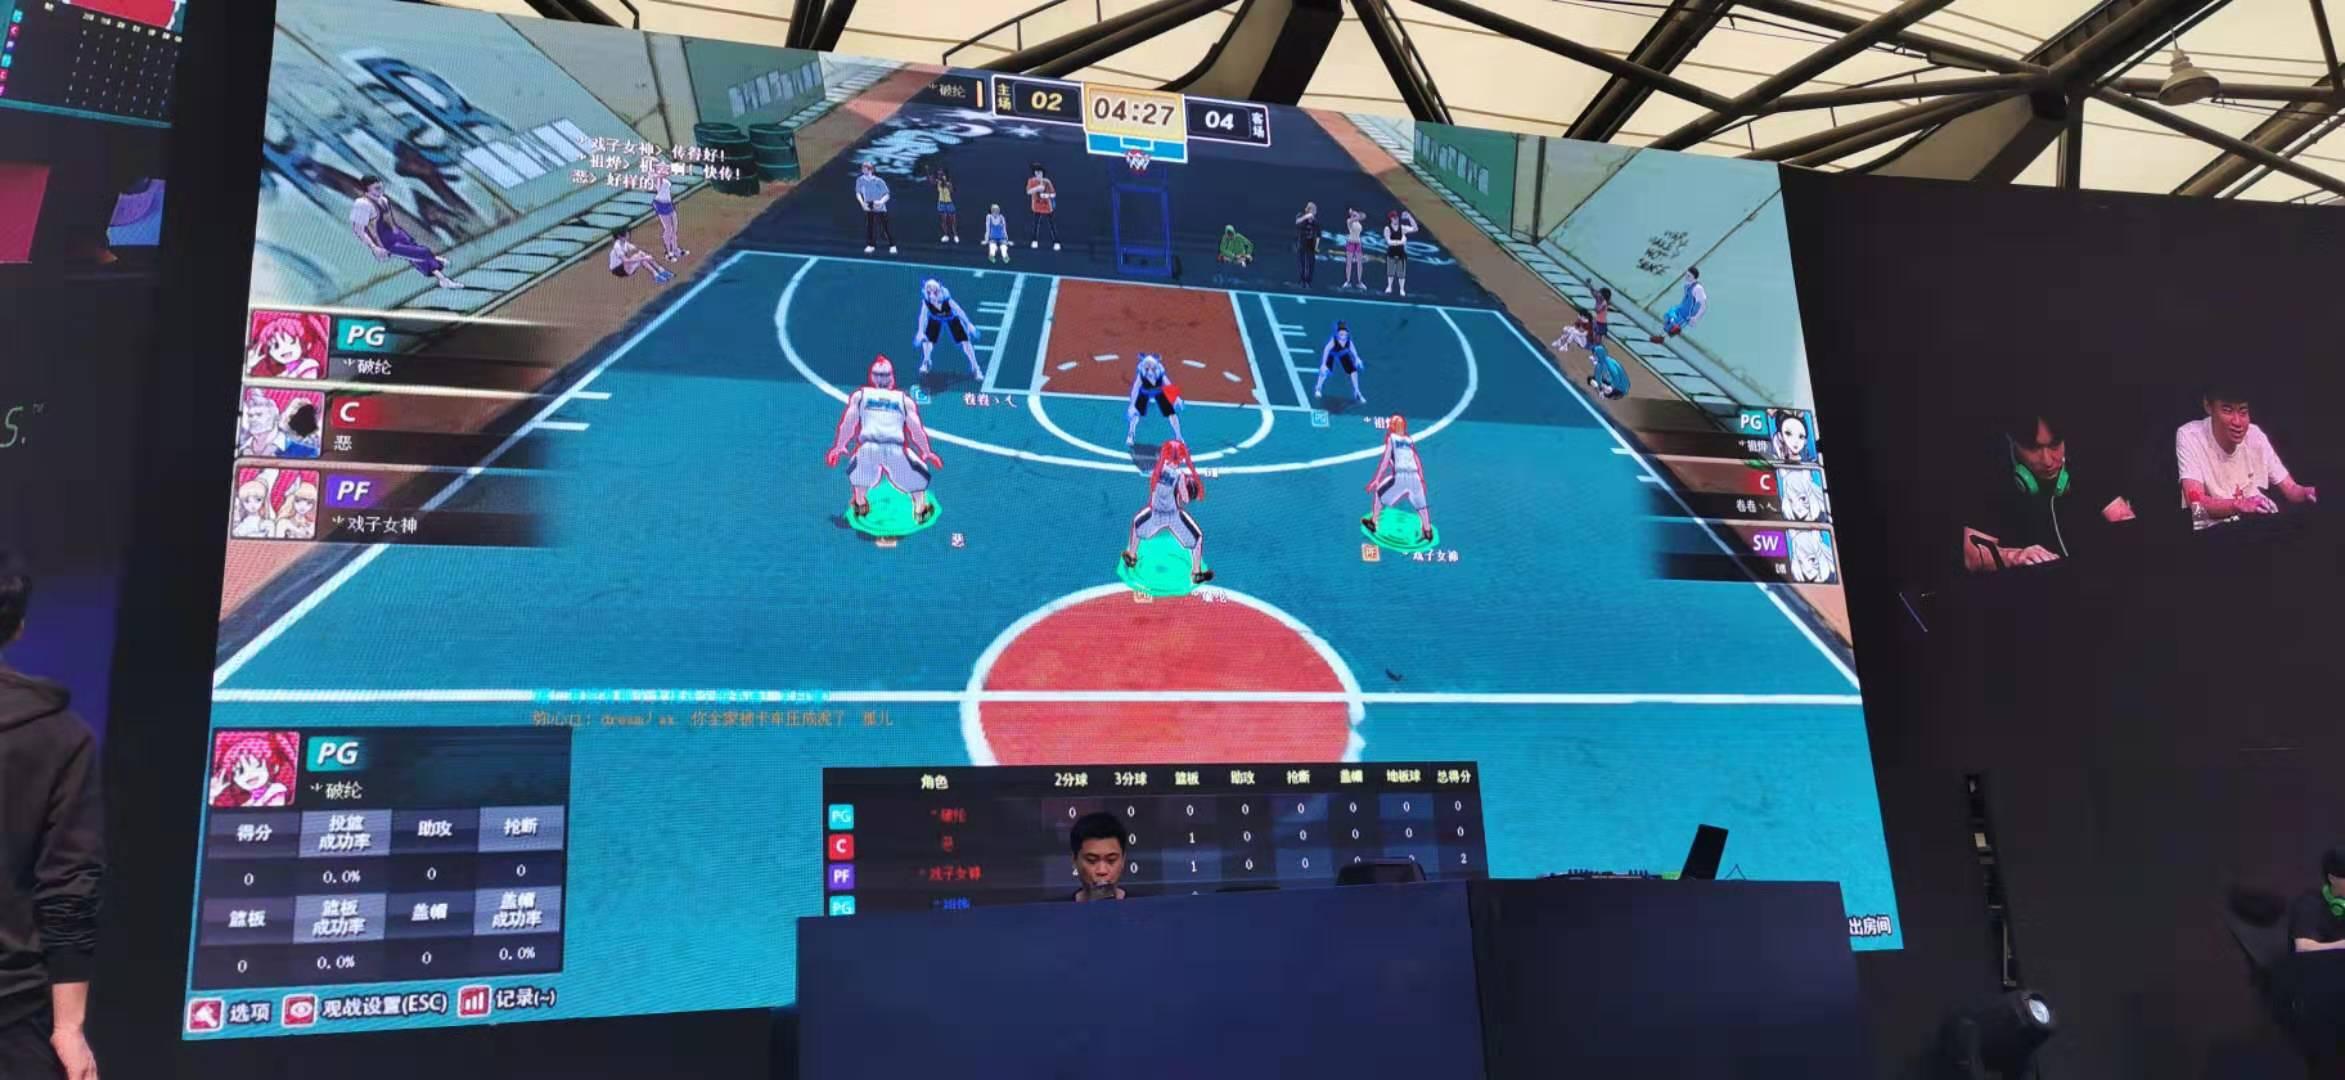 备战新赛季 《街头篮球》FSPL职业选手亮相雷蛇展台